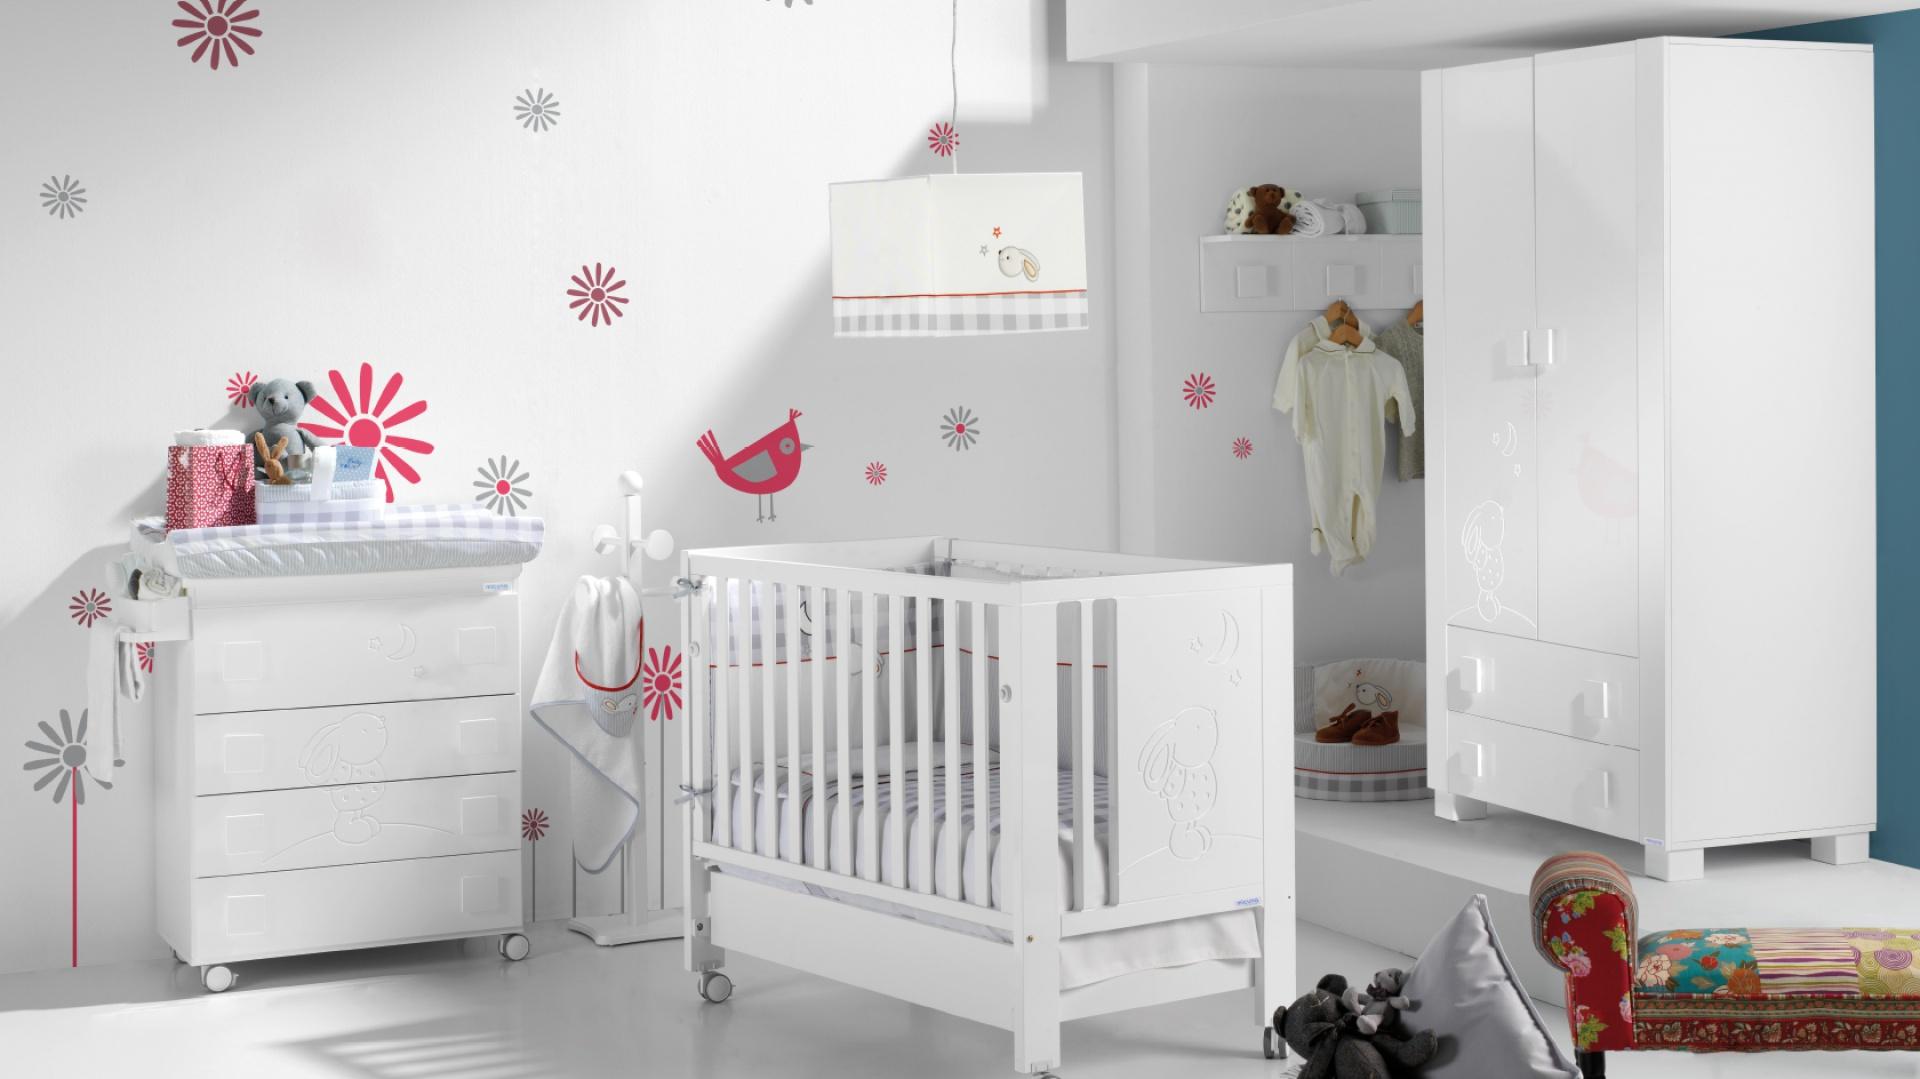 Pokój Małego Dziecka Piękne Wnętrza Dla Niemowlaków